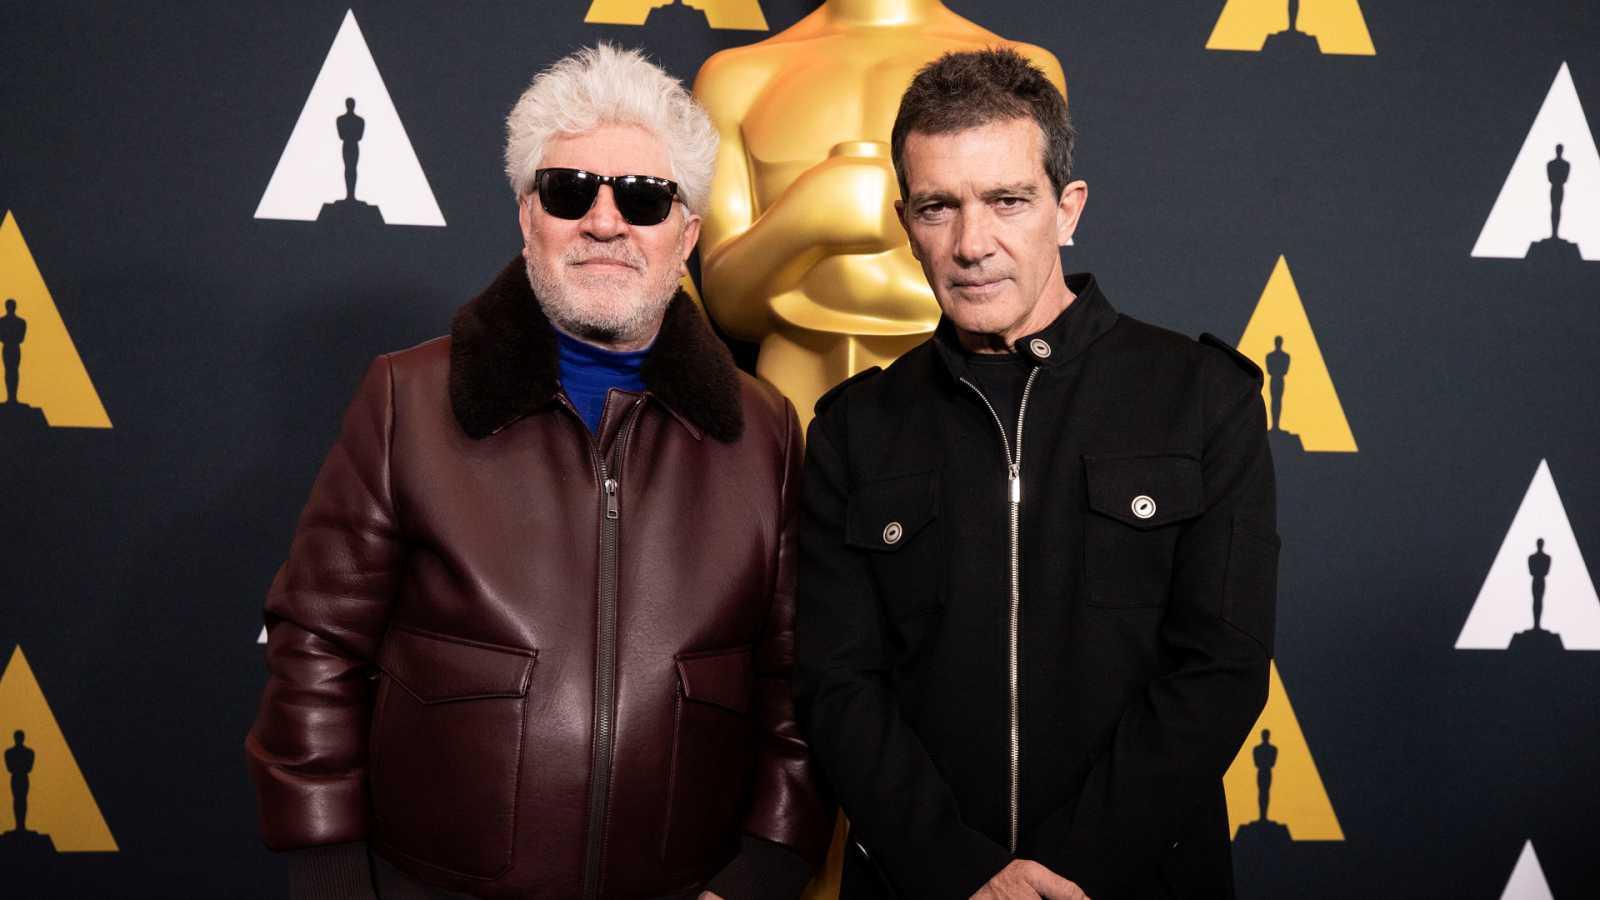 Corazón - ¡Las últimas declaraciones de Antonio Banderas y Pedro Almodóvar previas a los Premios Oscars!